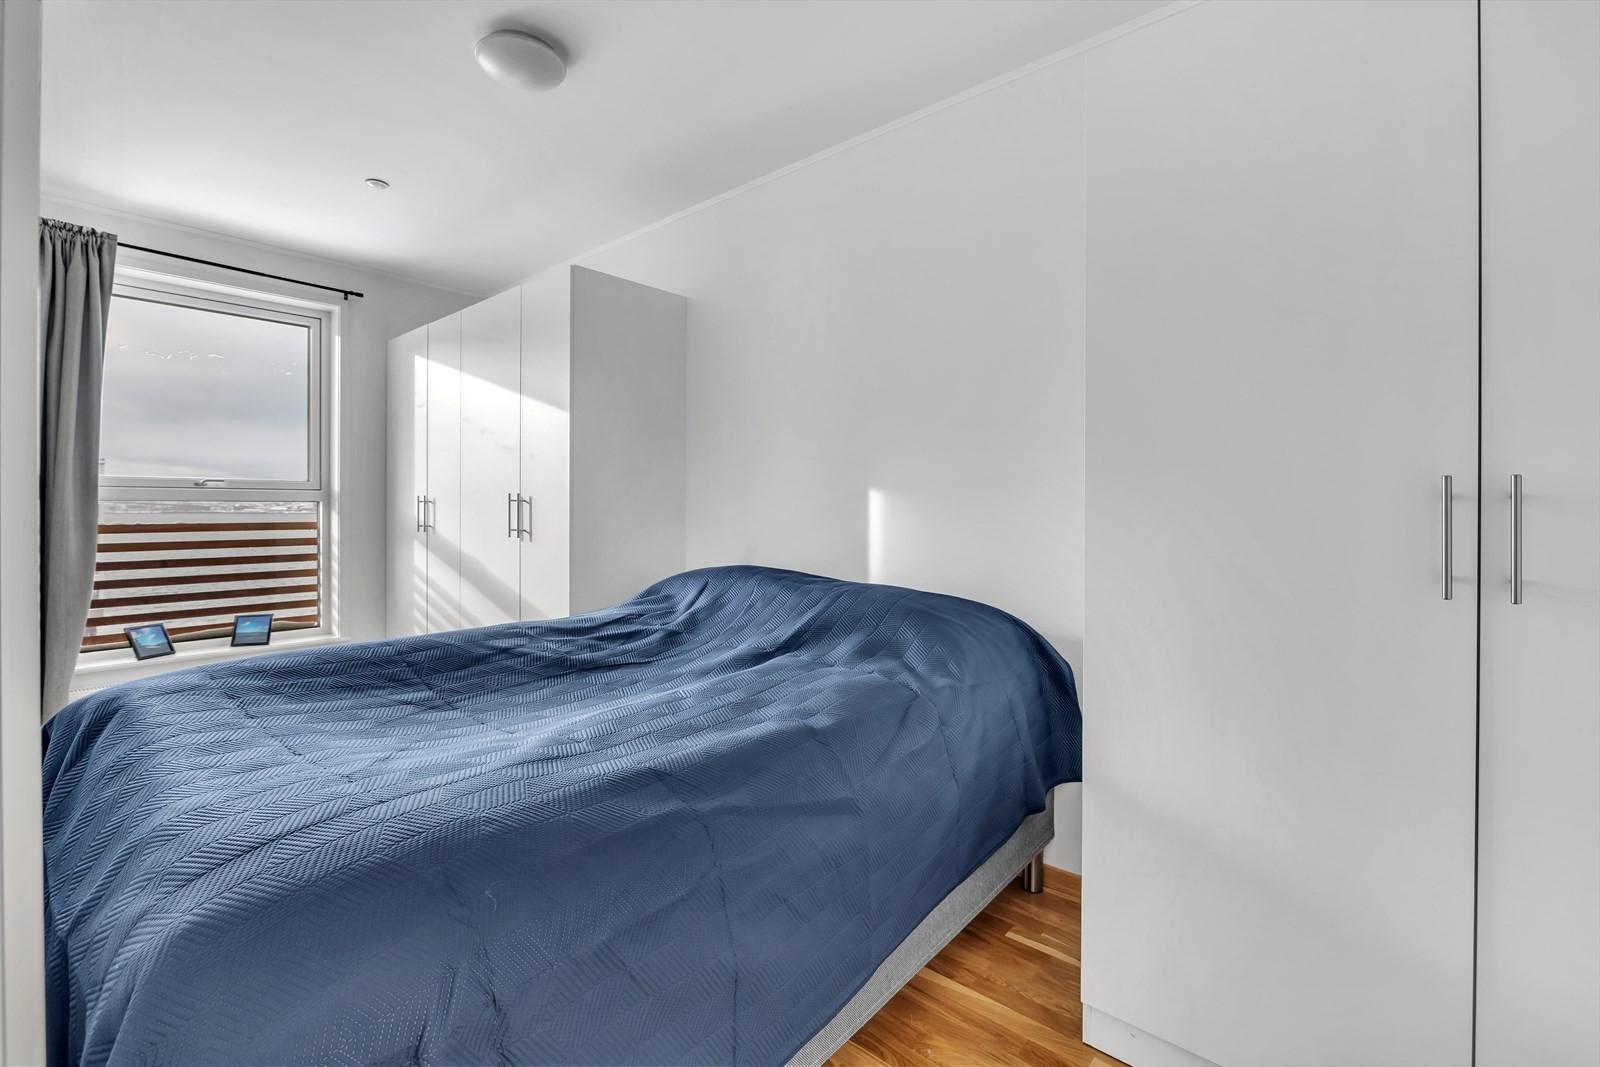 Soverommet har plass til stor seng og godt med garderobeskap